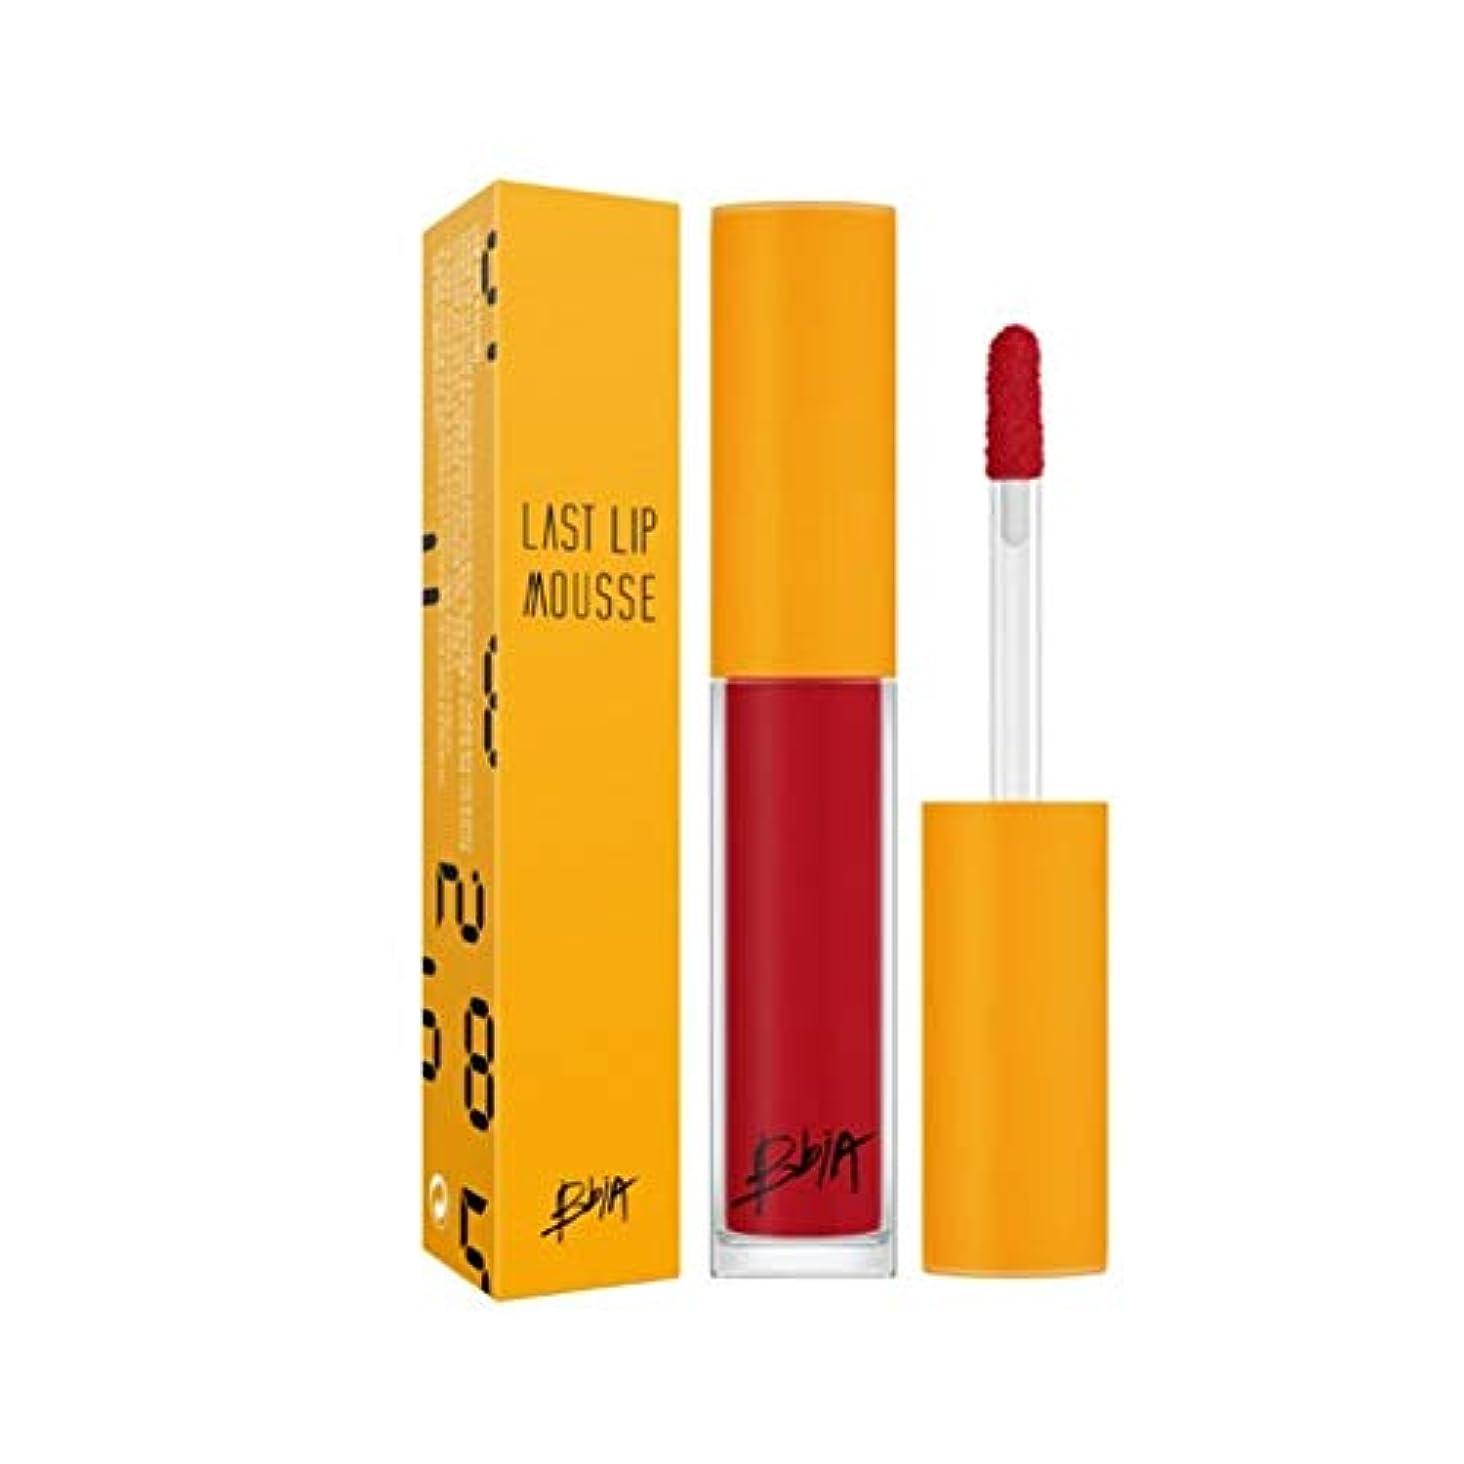 事実バリア長さピアラストリップムース 5カラー韓国コスメ、Bbia Last Lip Mousse 5 Colors Korean Cosmetics [並行輸入品] (3535 red)